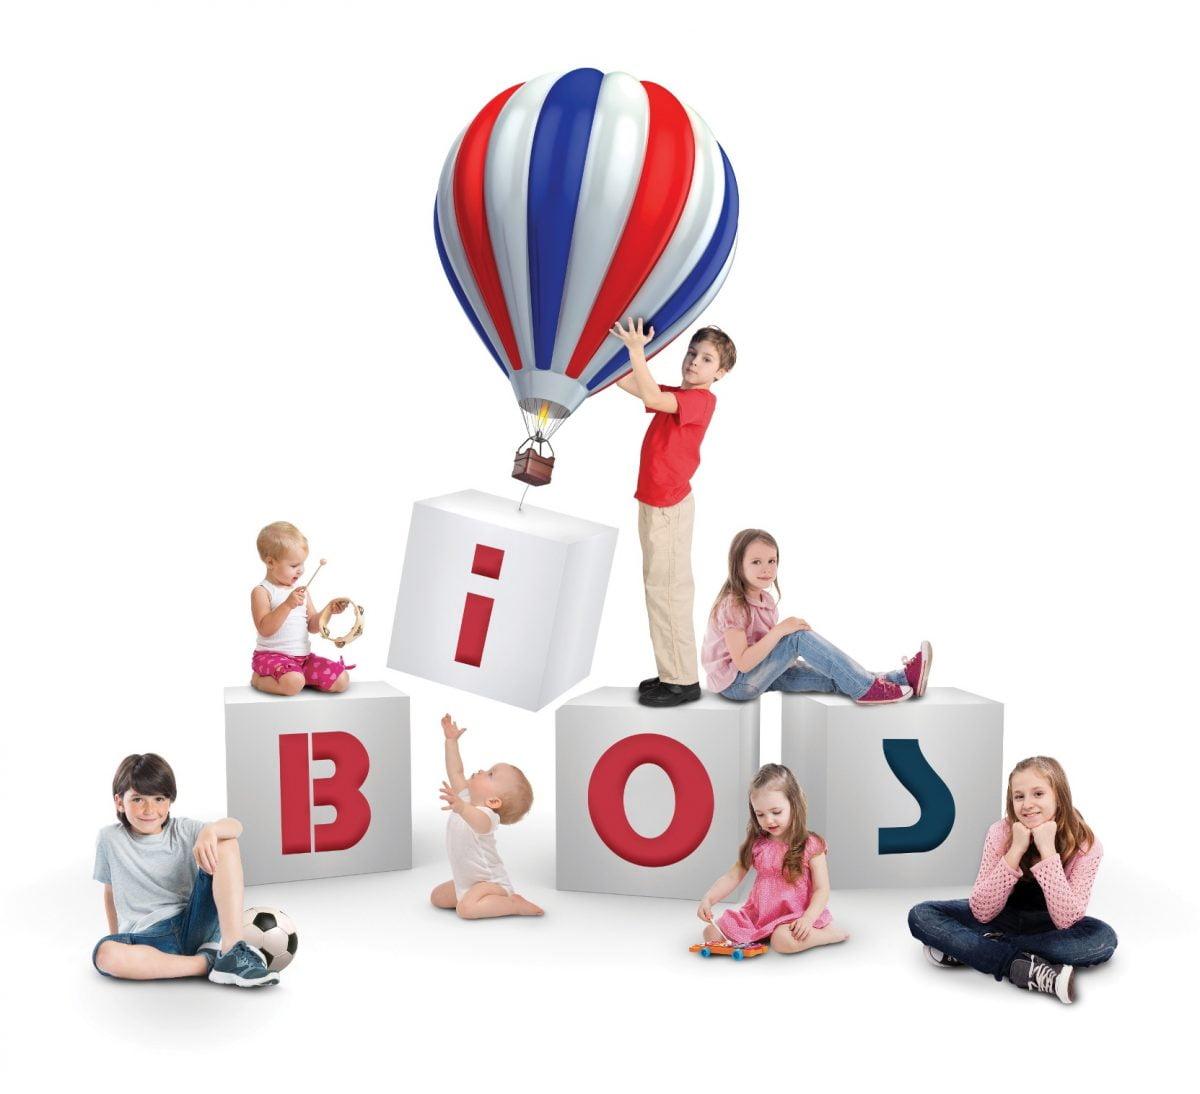 diagnostica-pediatrica-bios